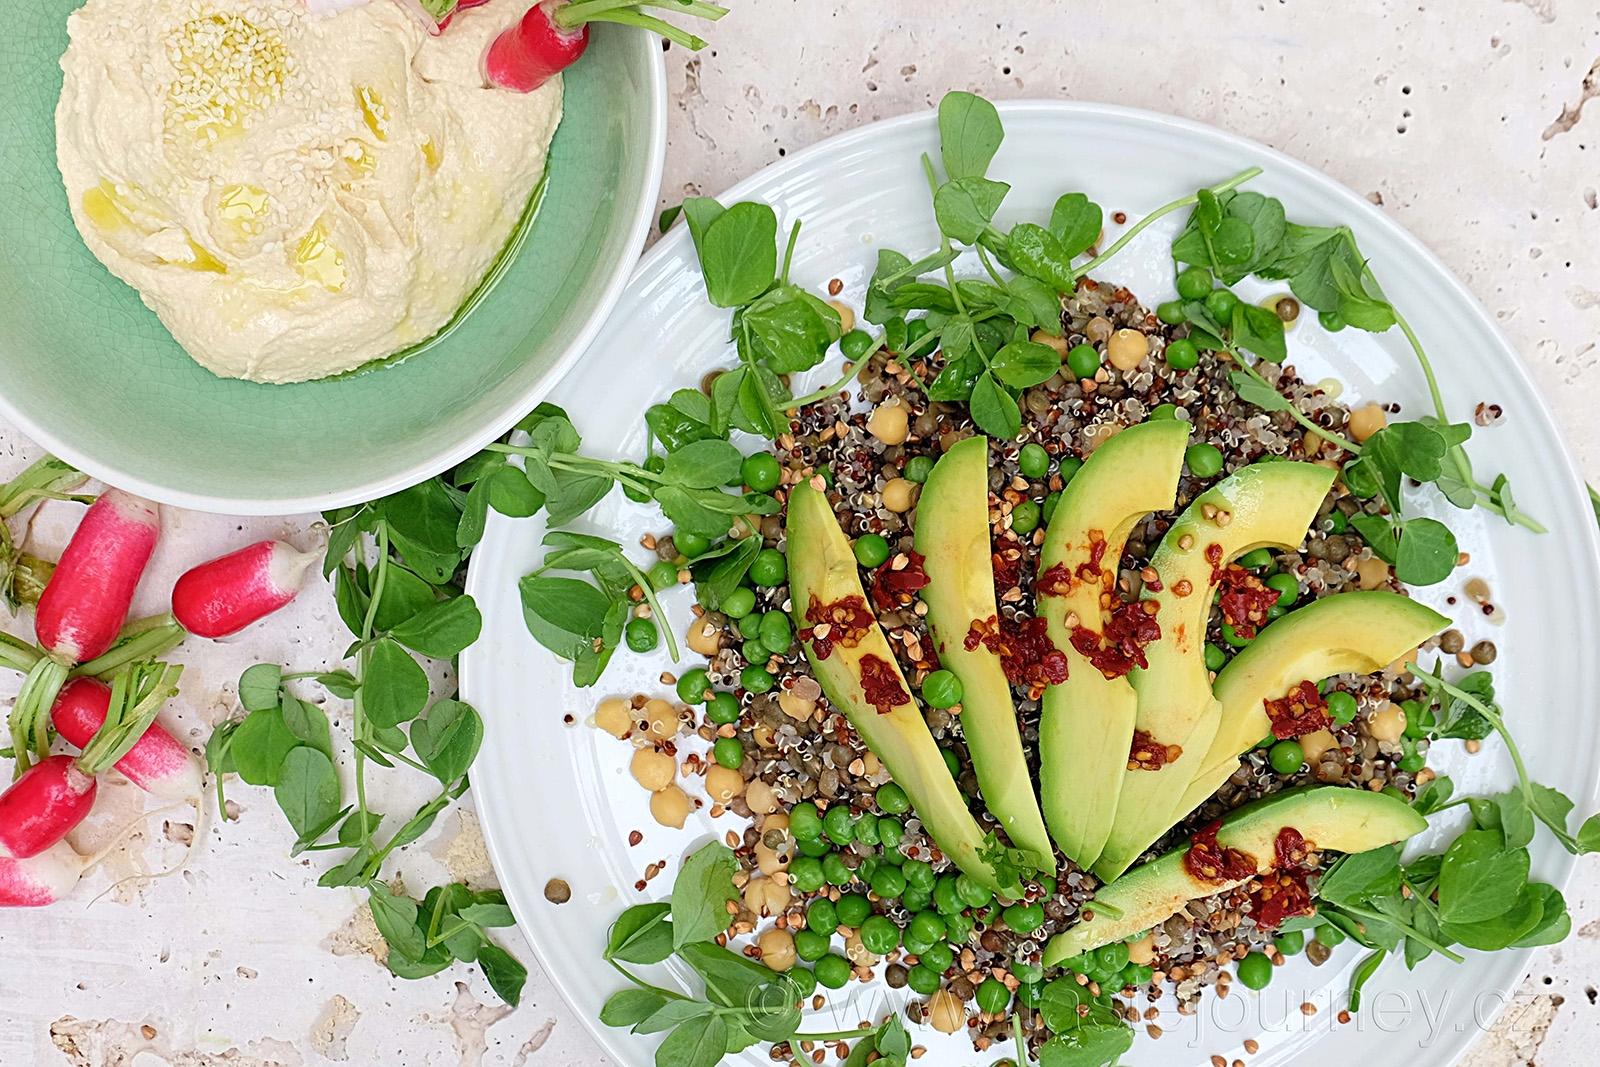 Hráškový salát s avokádem podávejte s humusem a ředkvičkami